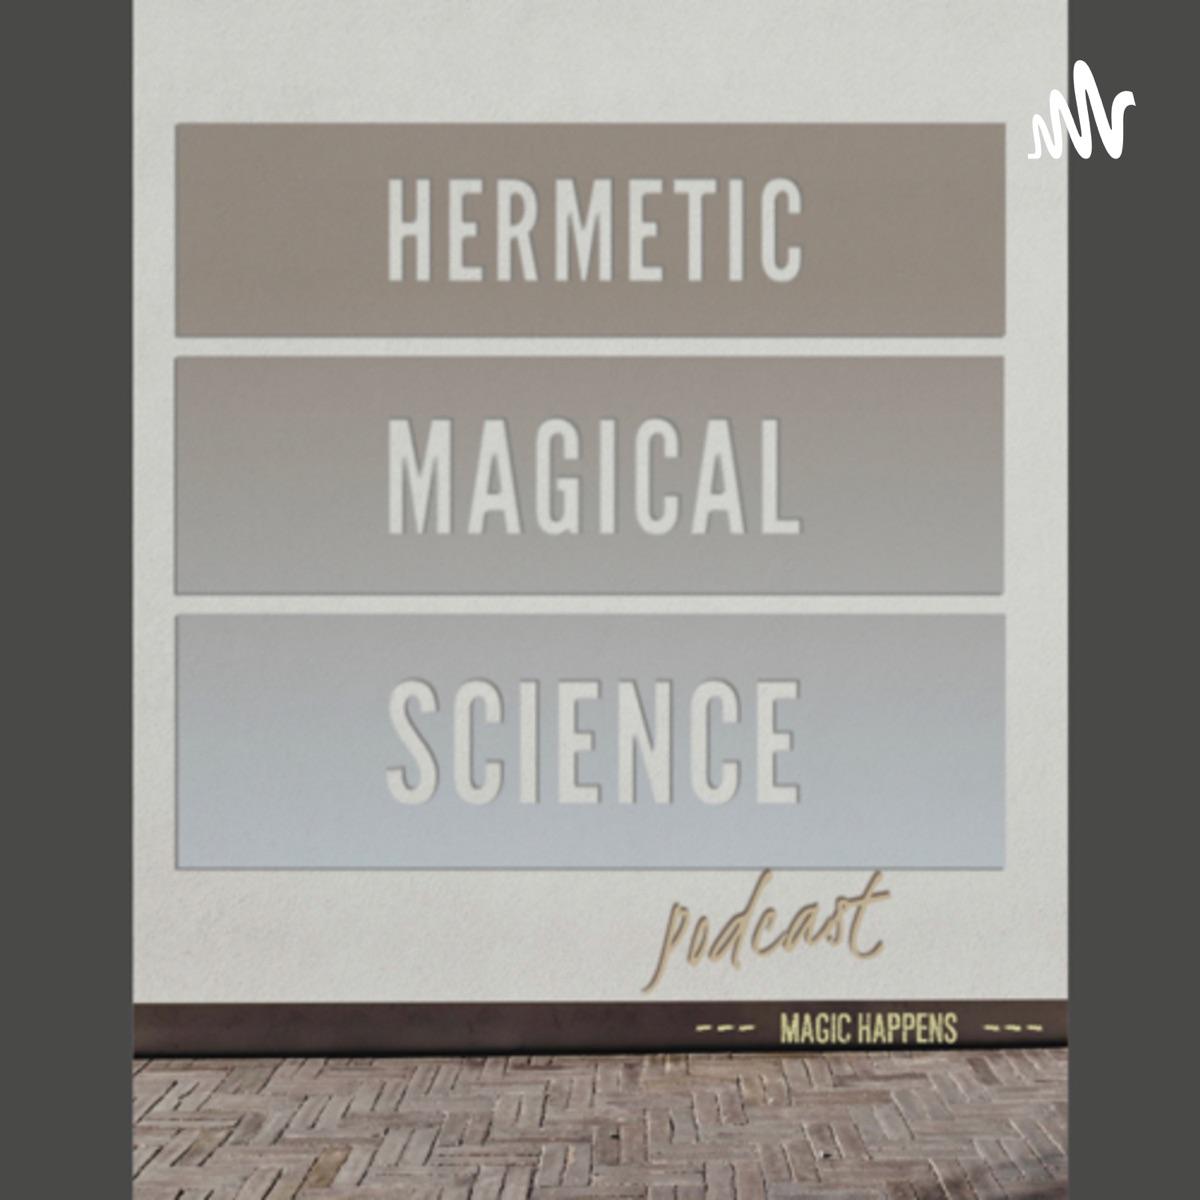 Hermetic Magical Science